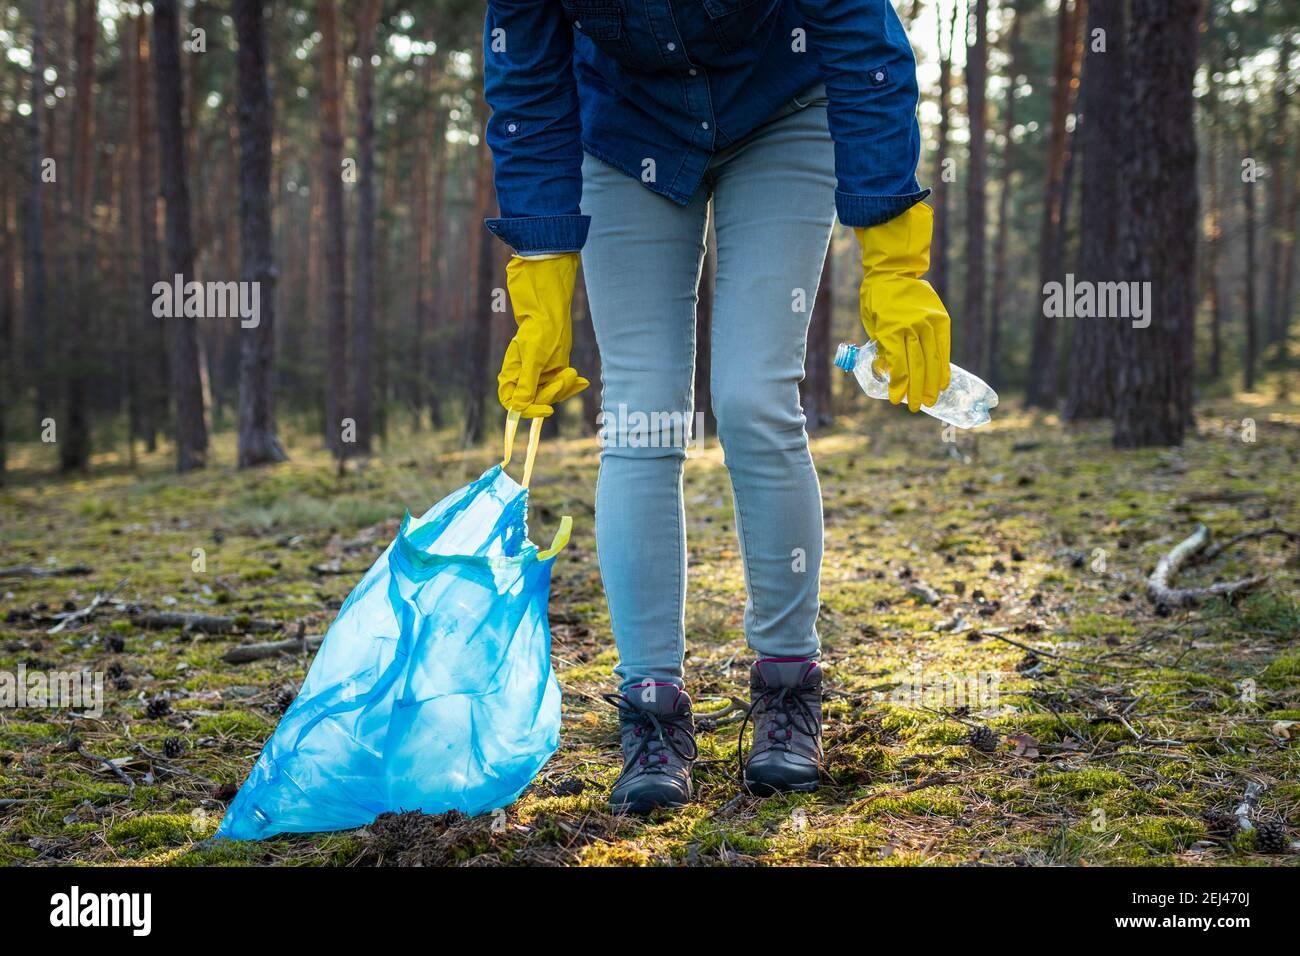 Voluntario está limpiando el bosque de la contaminación plástica. ¡haga nuestro planeta verde y limpio! Concepto de conservación ambiental Foto de stock